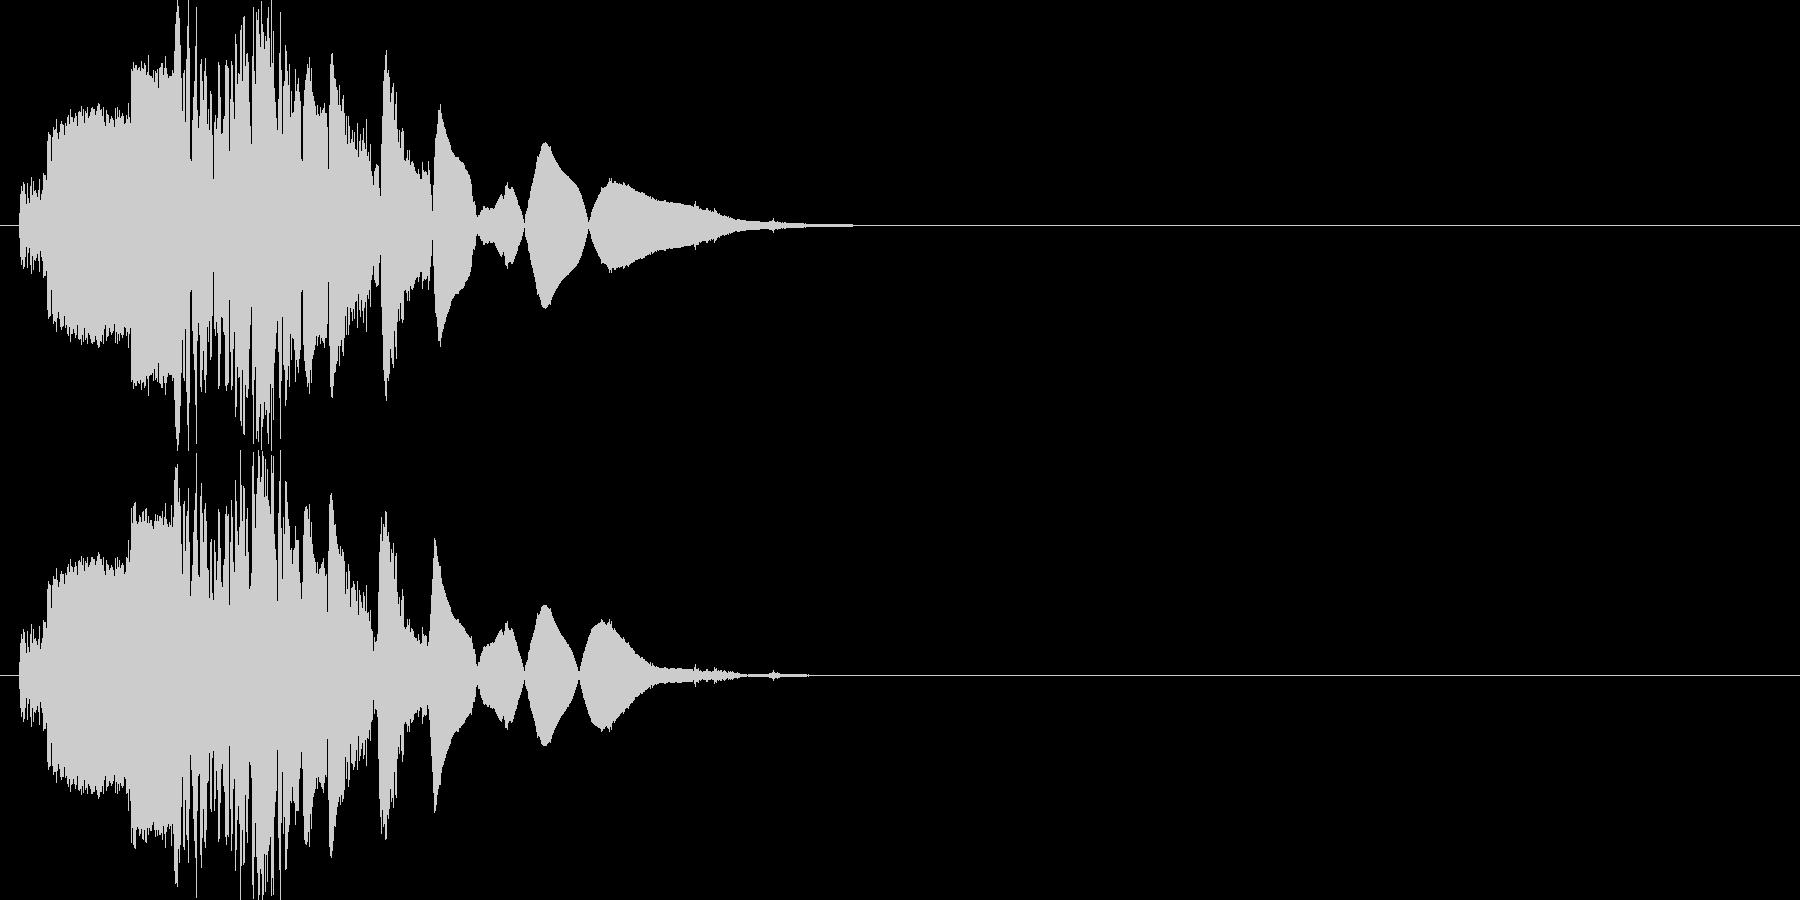 斬撃:武器を突き立てる4の未再生の波形